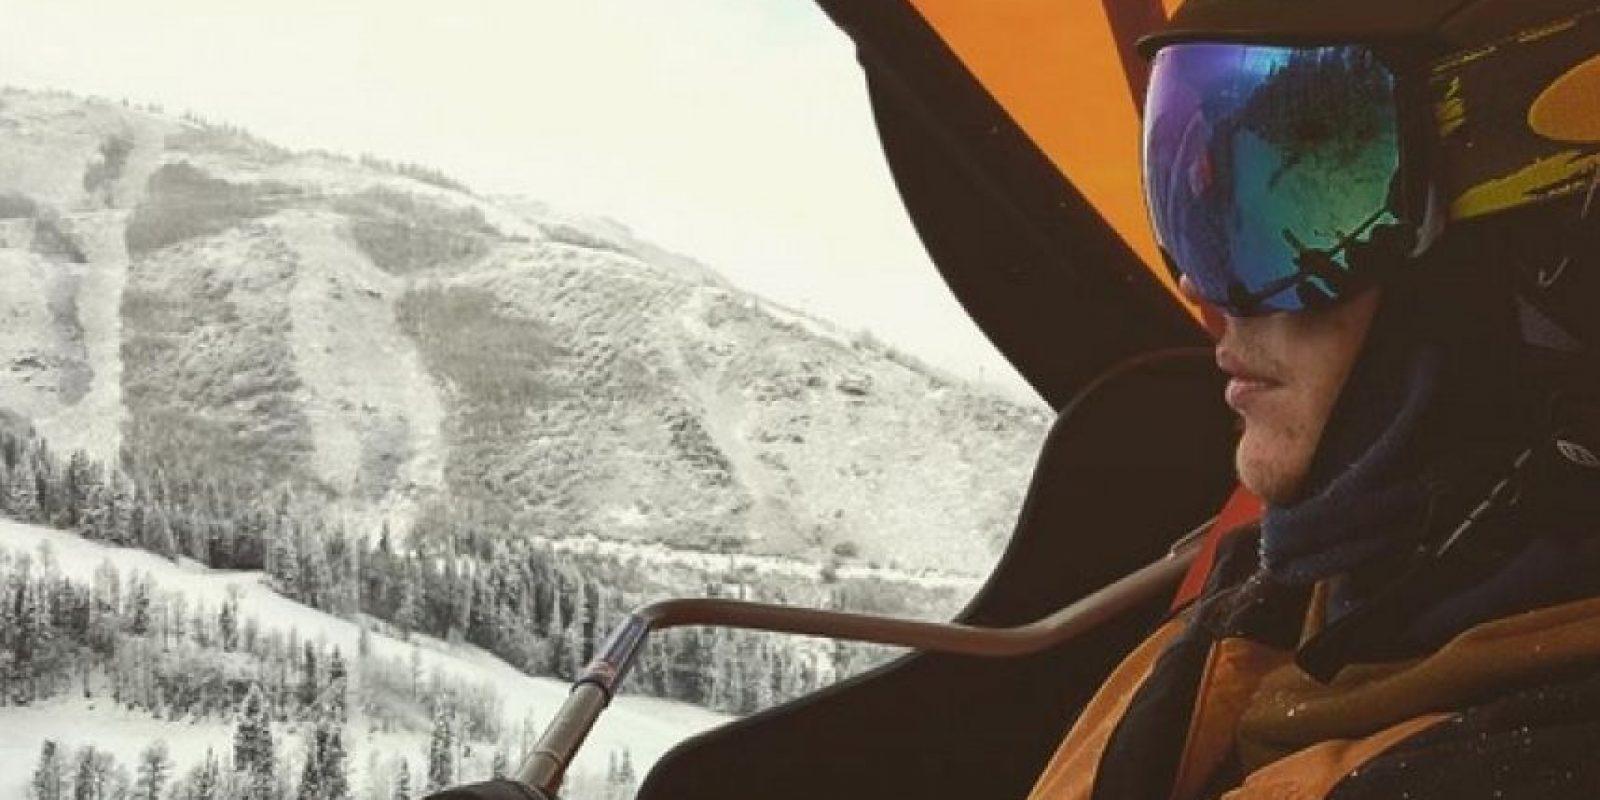 Todo parece indicar que estas mini vacaciones lo ayudarán a relajarse luego de la polémica en la que se ha visto en los últimos días. Foto:Instagram/justinbieber